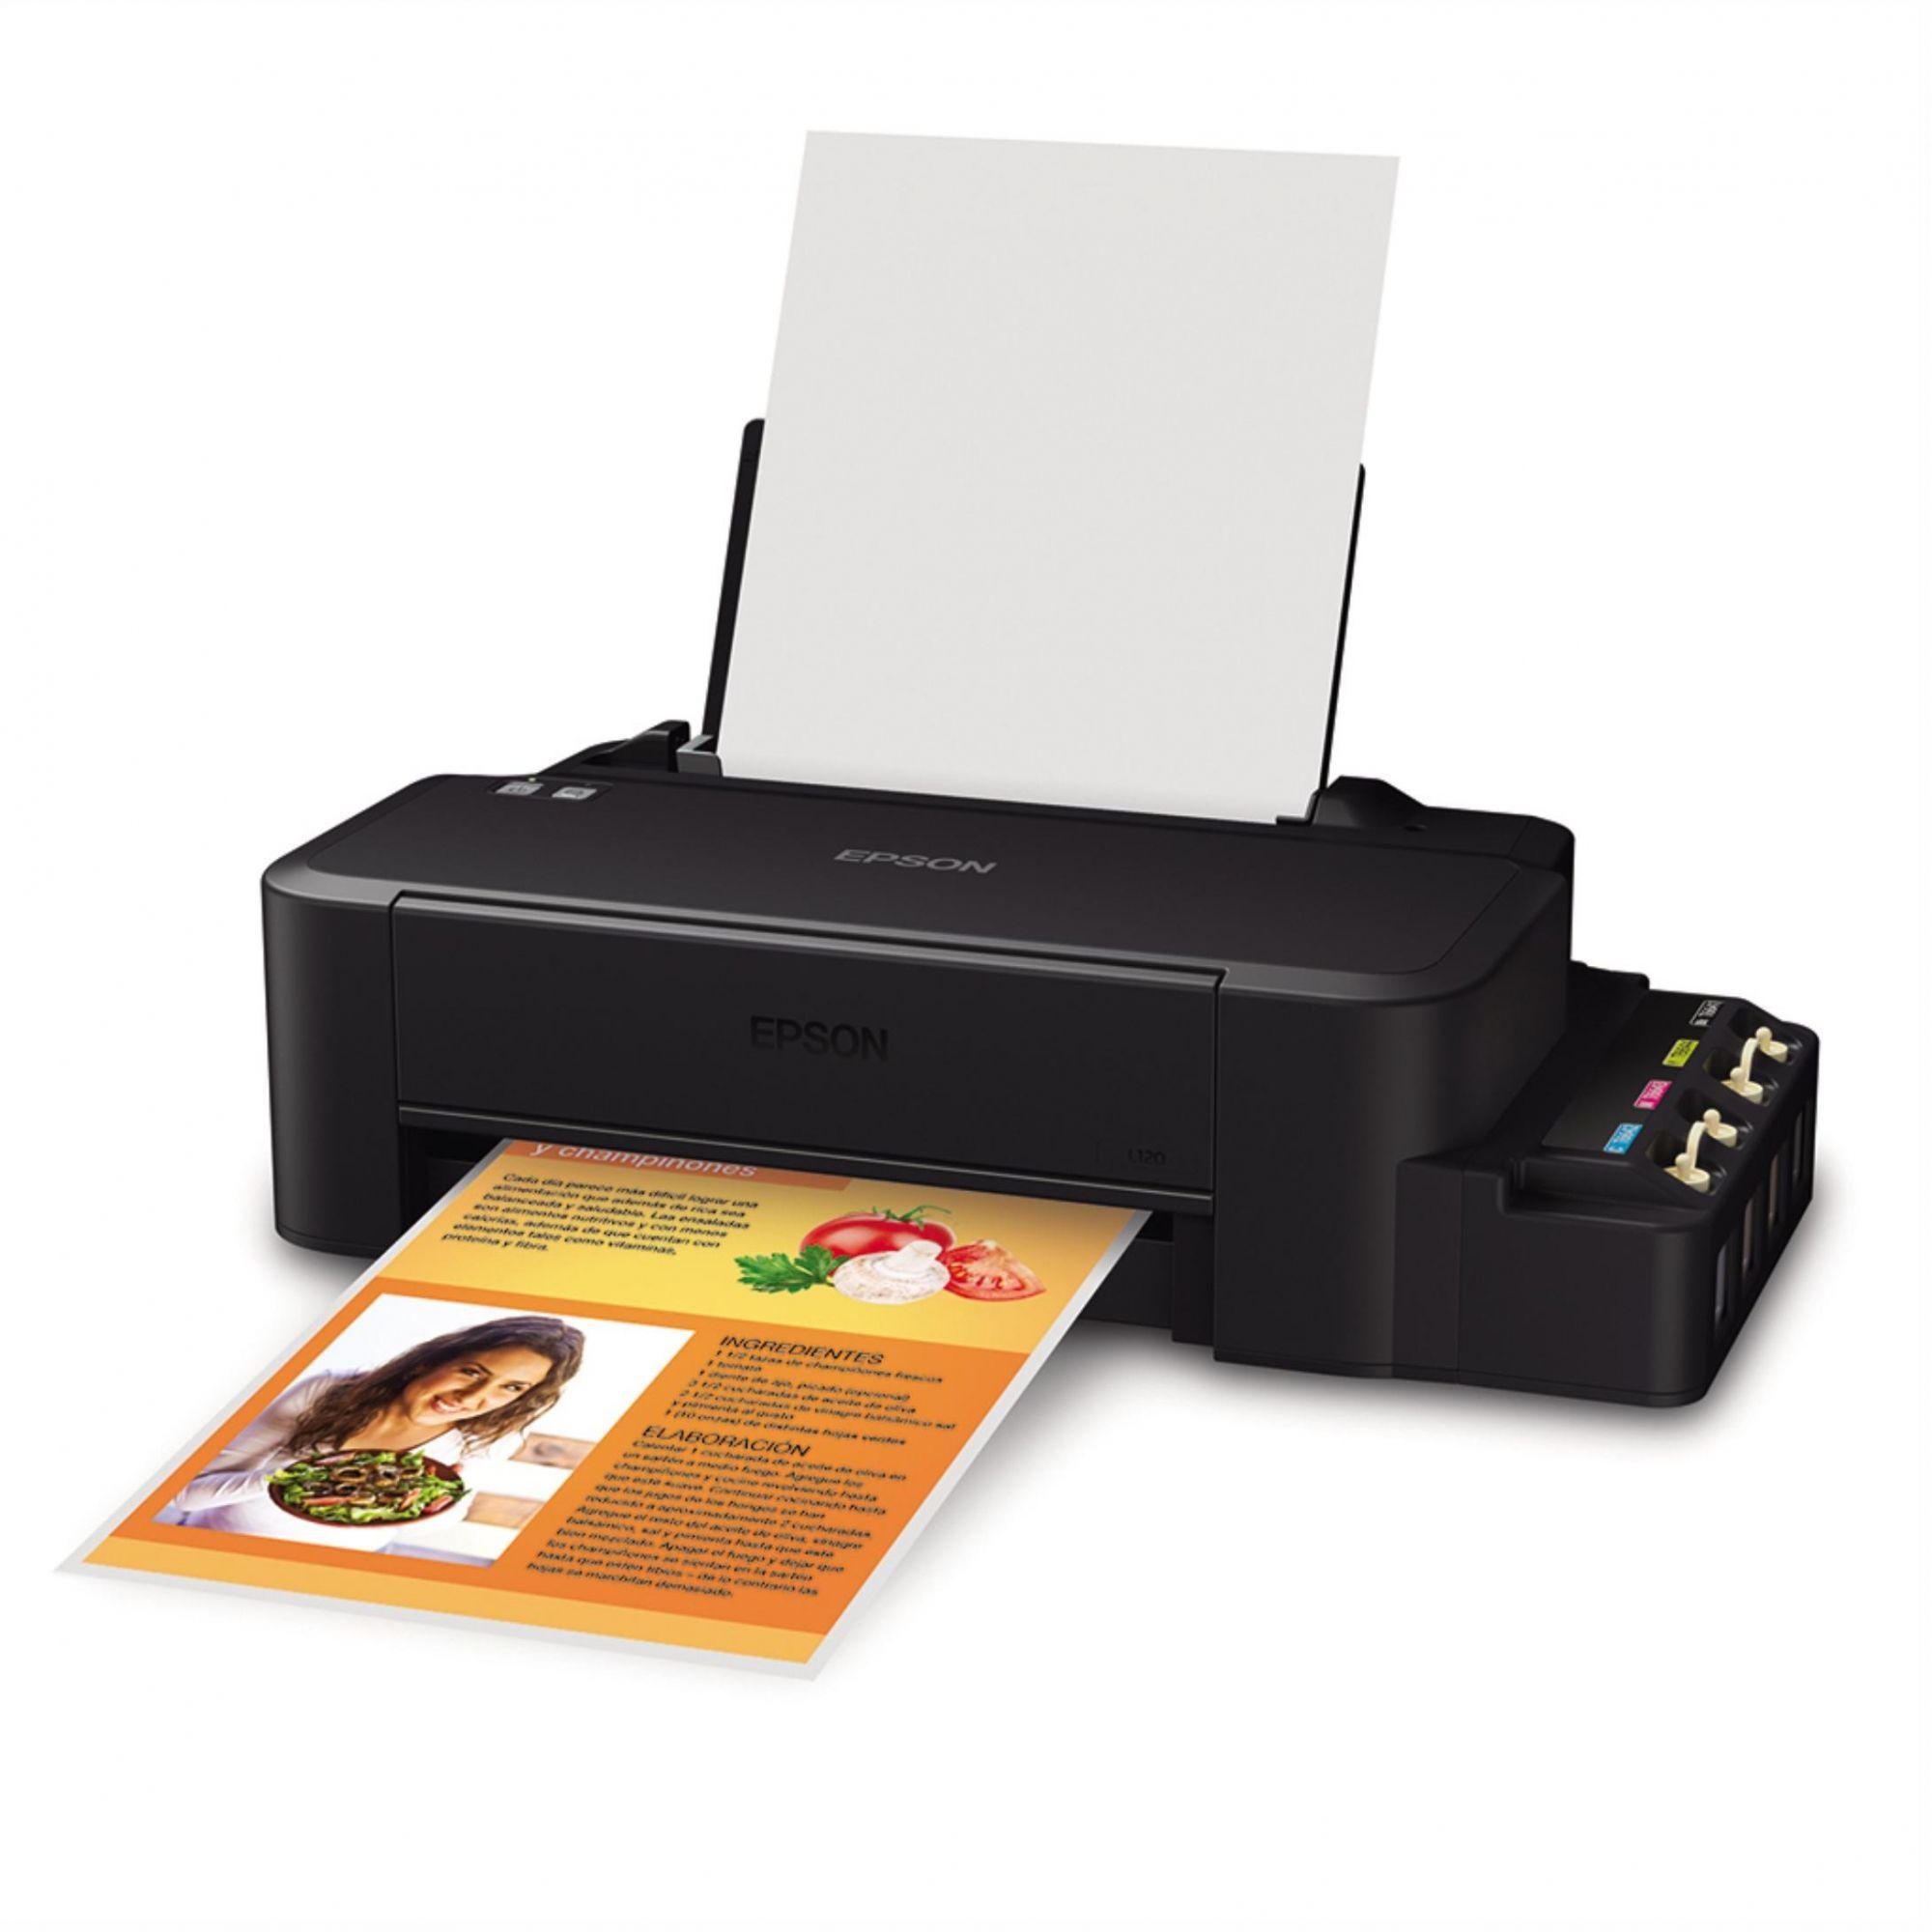 Impressora Epson L120 com Tanque de Tinta - Pigmentada